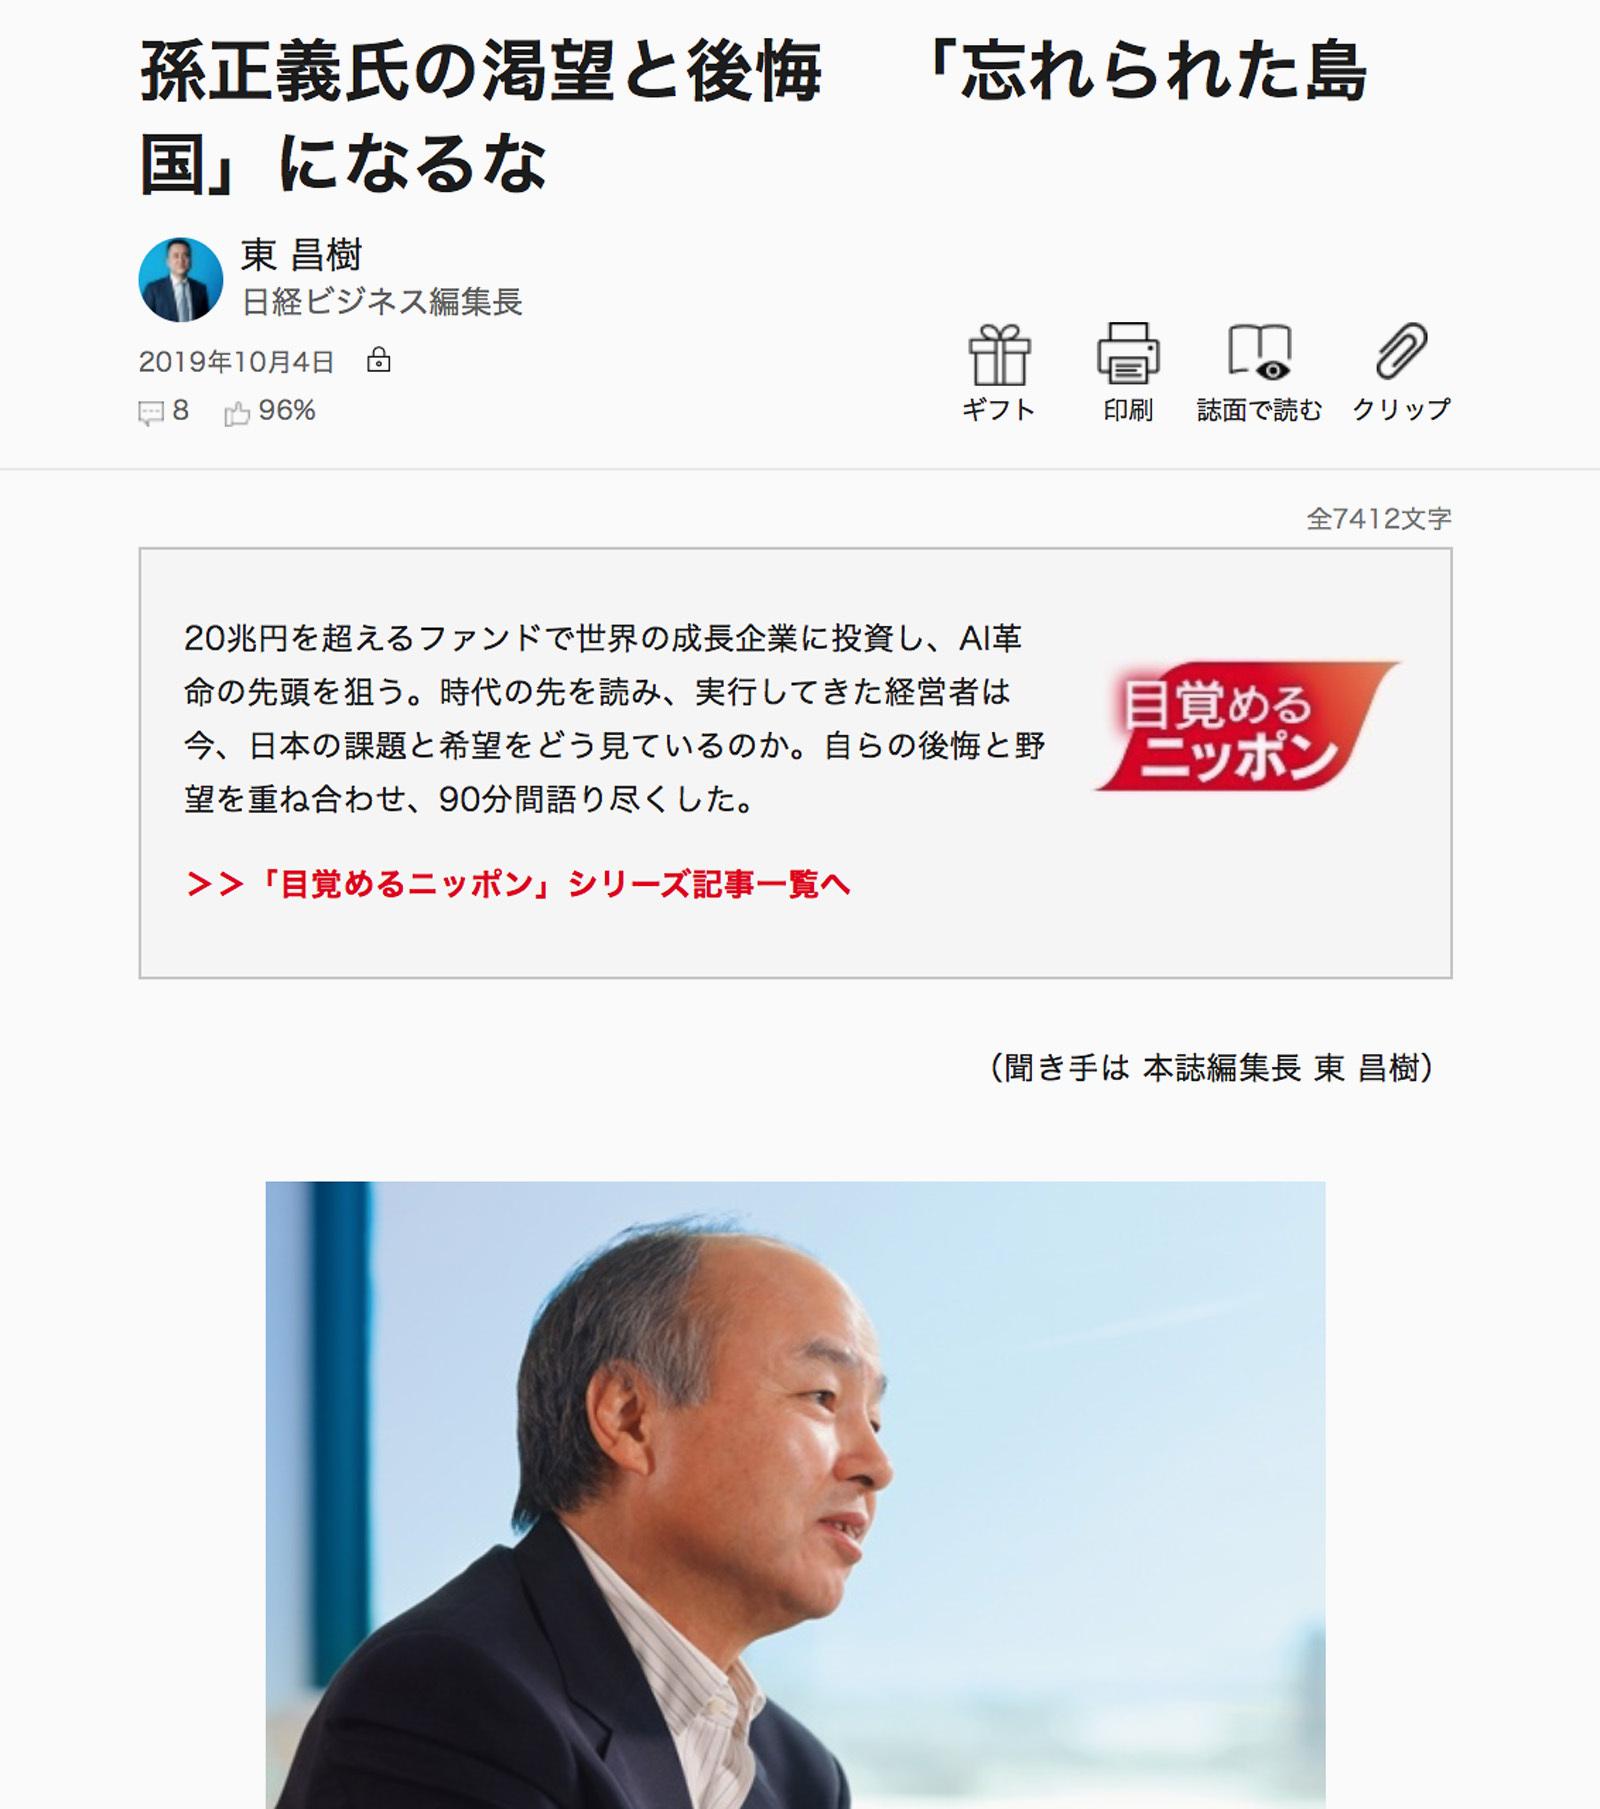 「このままでは日本は滅びる」というのは本当か? Facebookへの投稿から(91)_e0367501_10345543.jpg